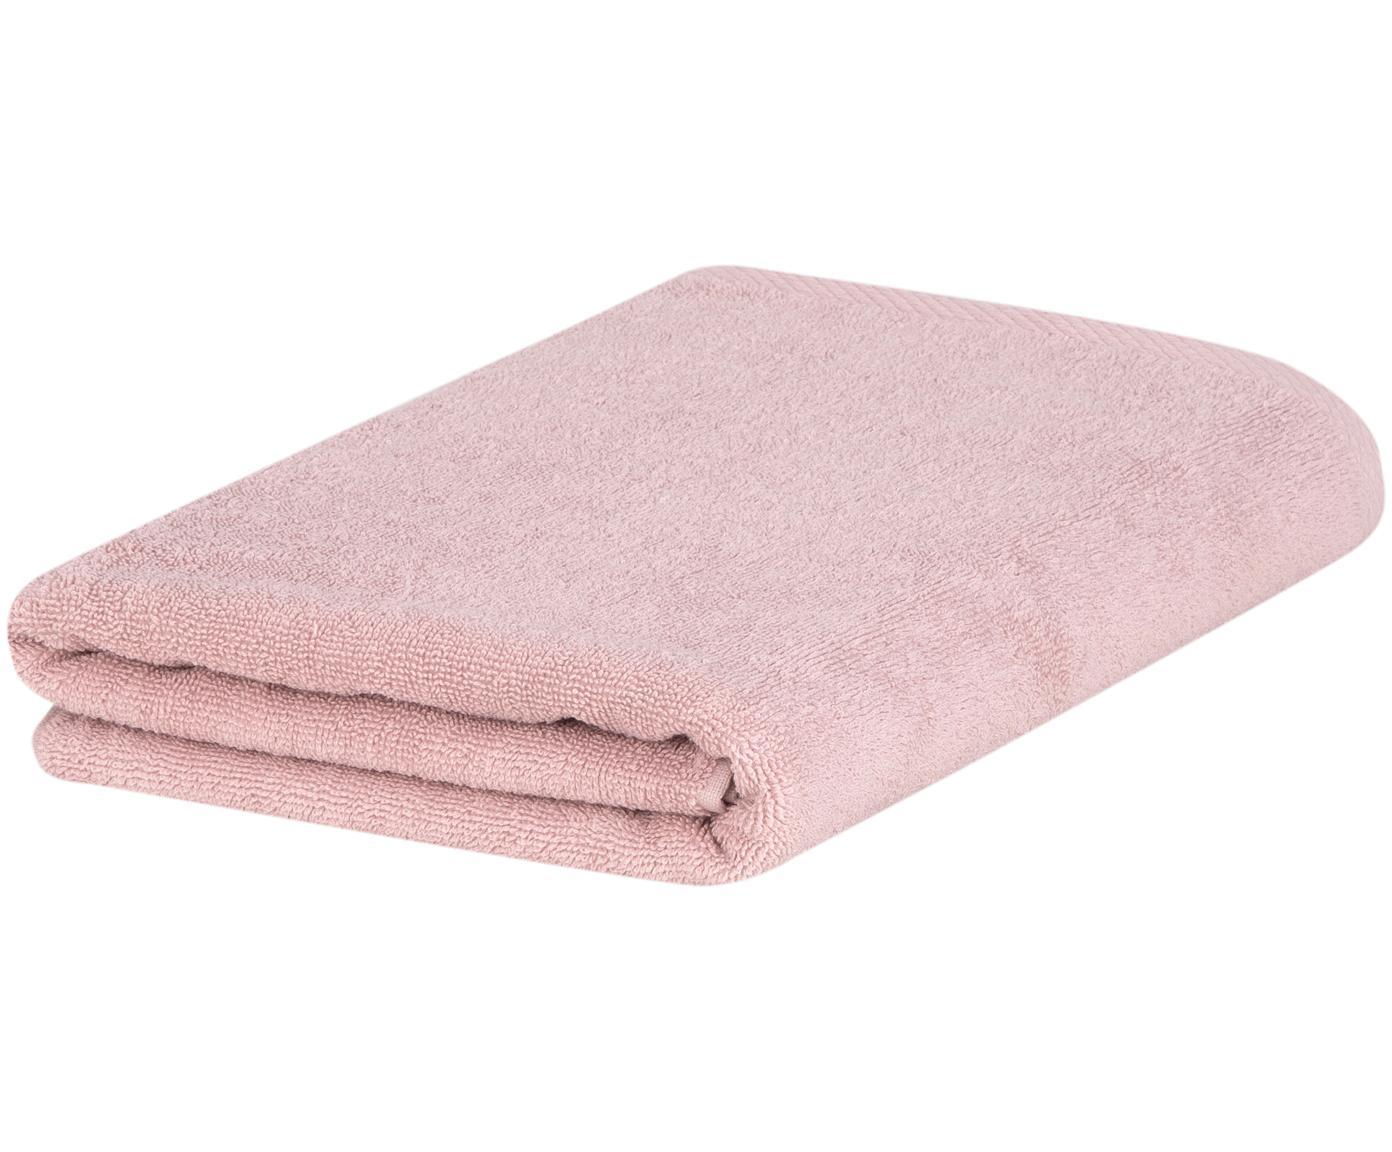 Ręcznik dla gości Comfort, 2 szt., Brudny różowy, Ręcznik dla gości